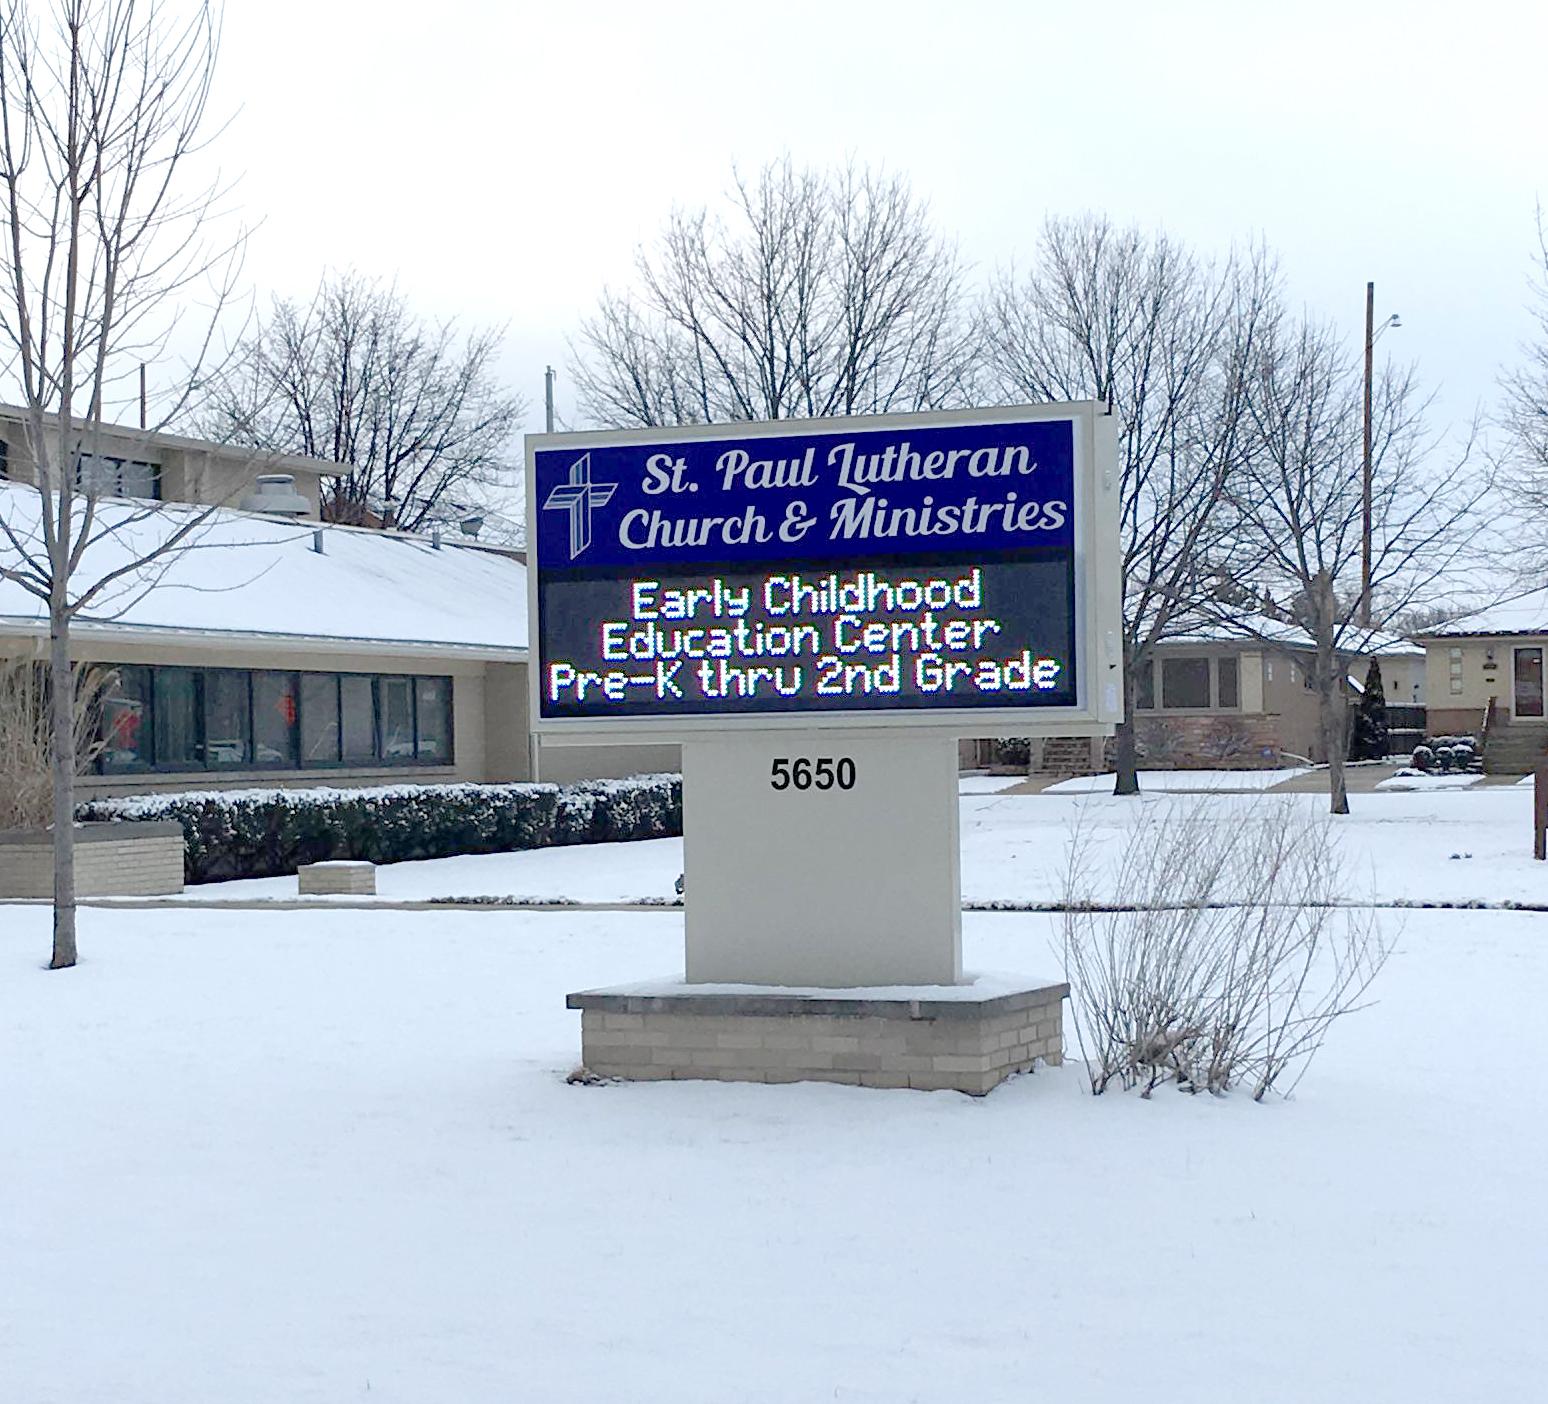 St. Paul Lutheran Church & Ministtries